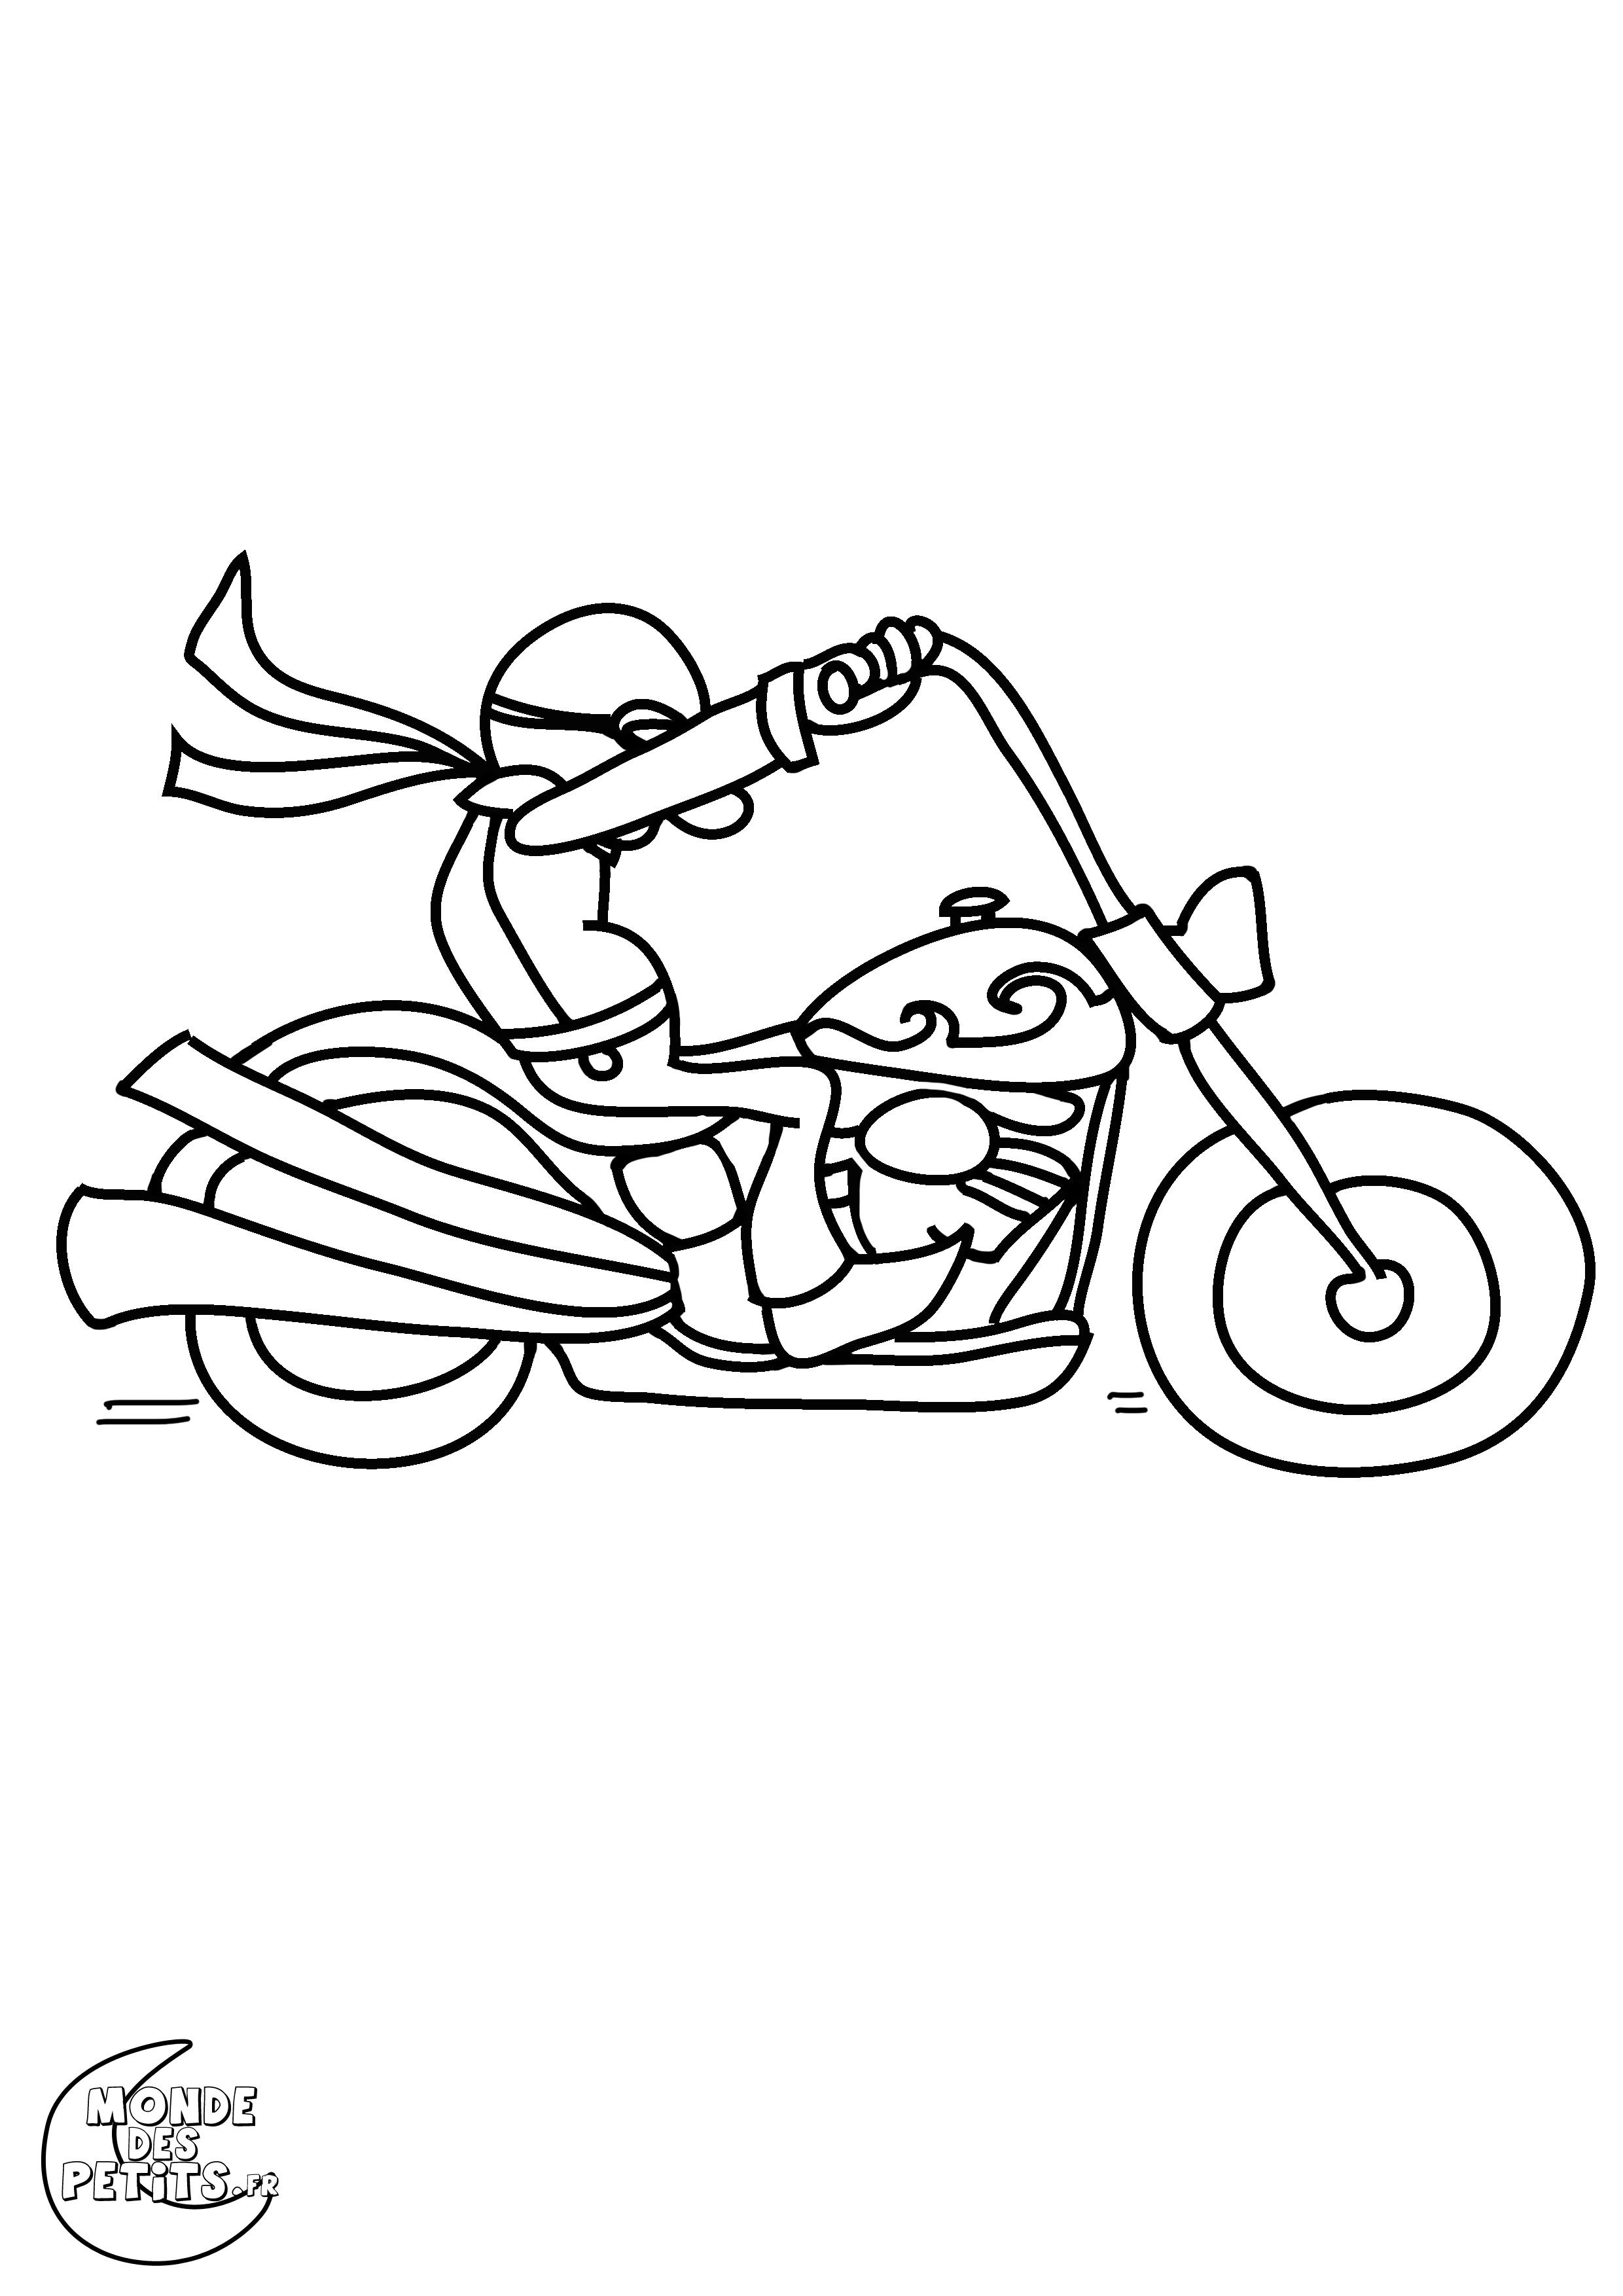 Monde des petits coloriages imprimer - Dessin de moto facile a faire ...